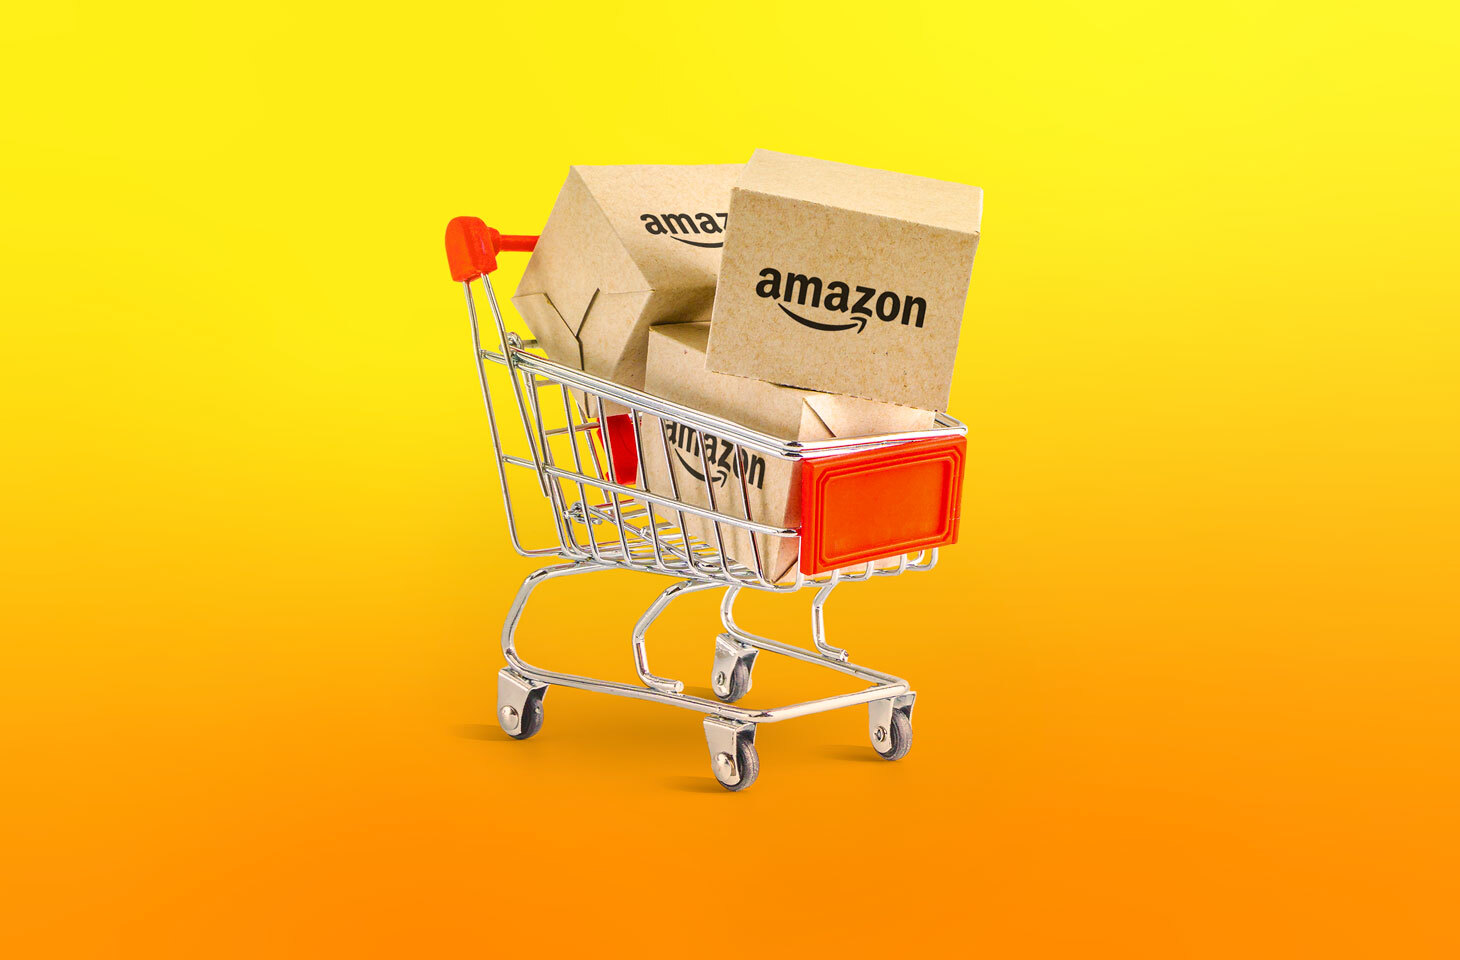 Самые распространенные мошеннические схемы на Amazon